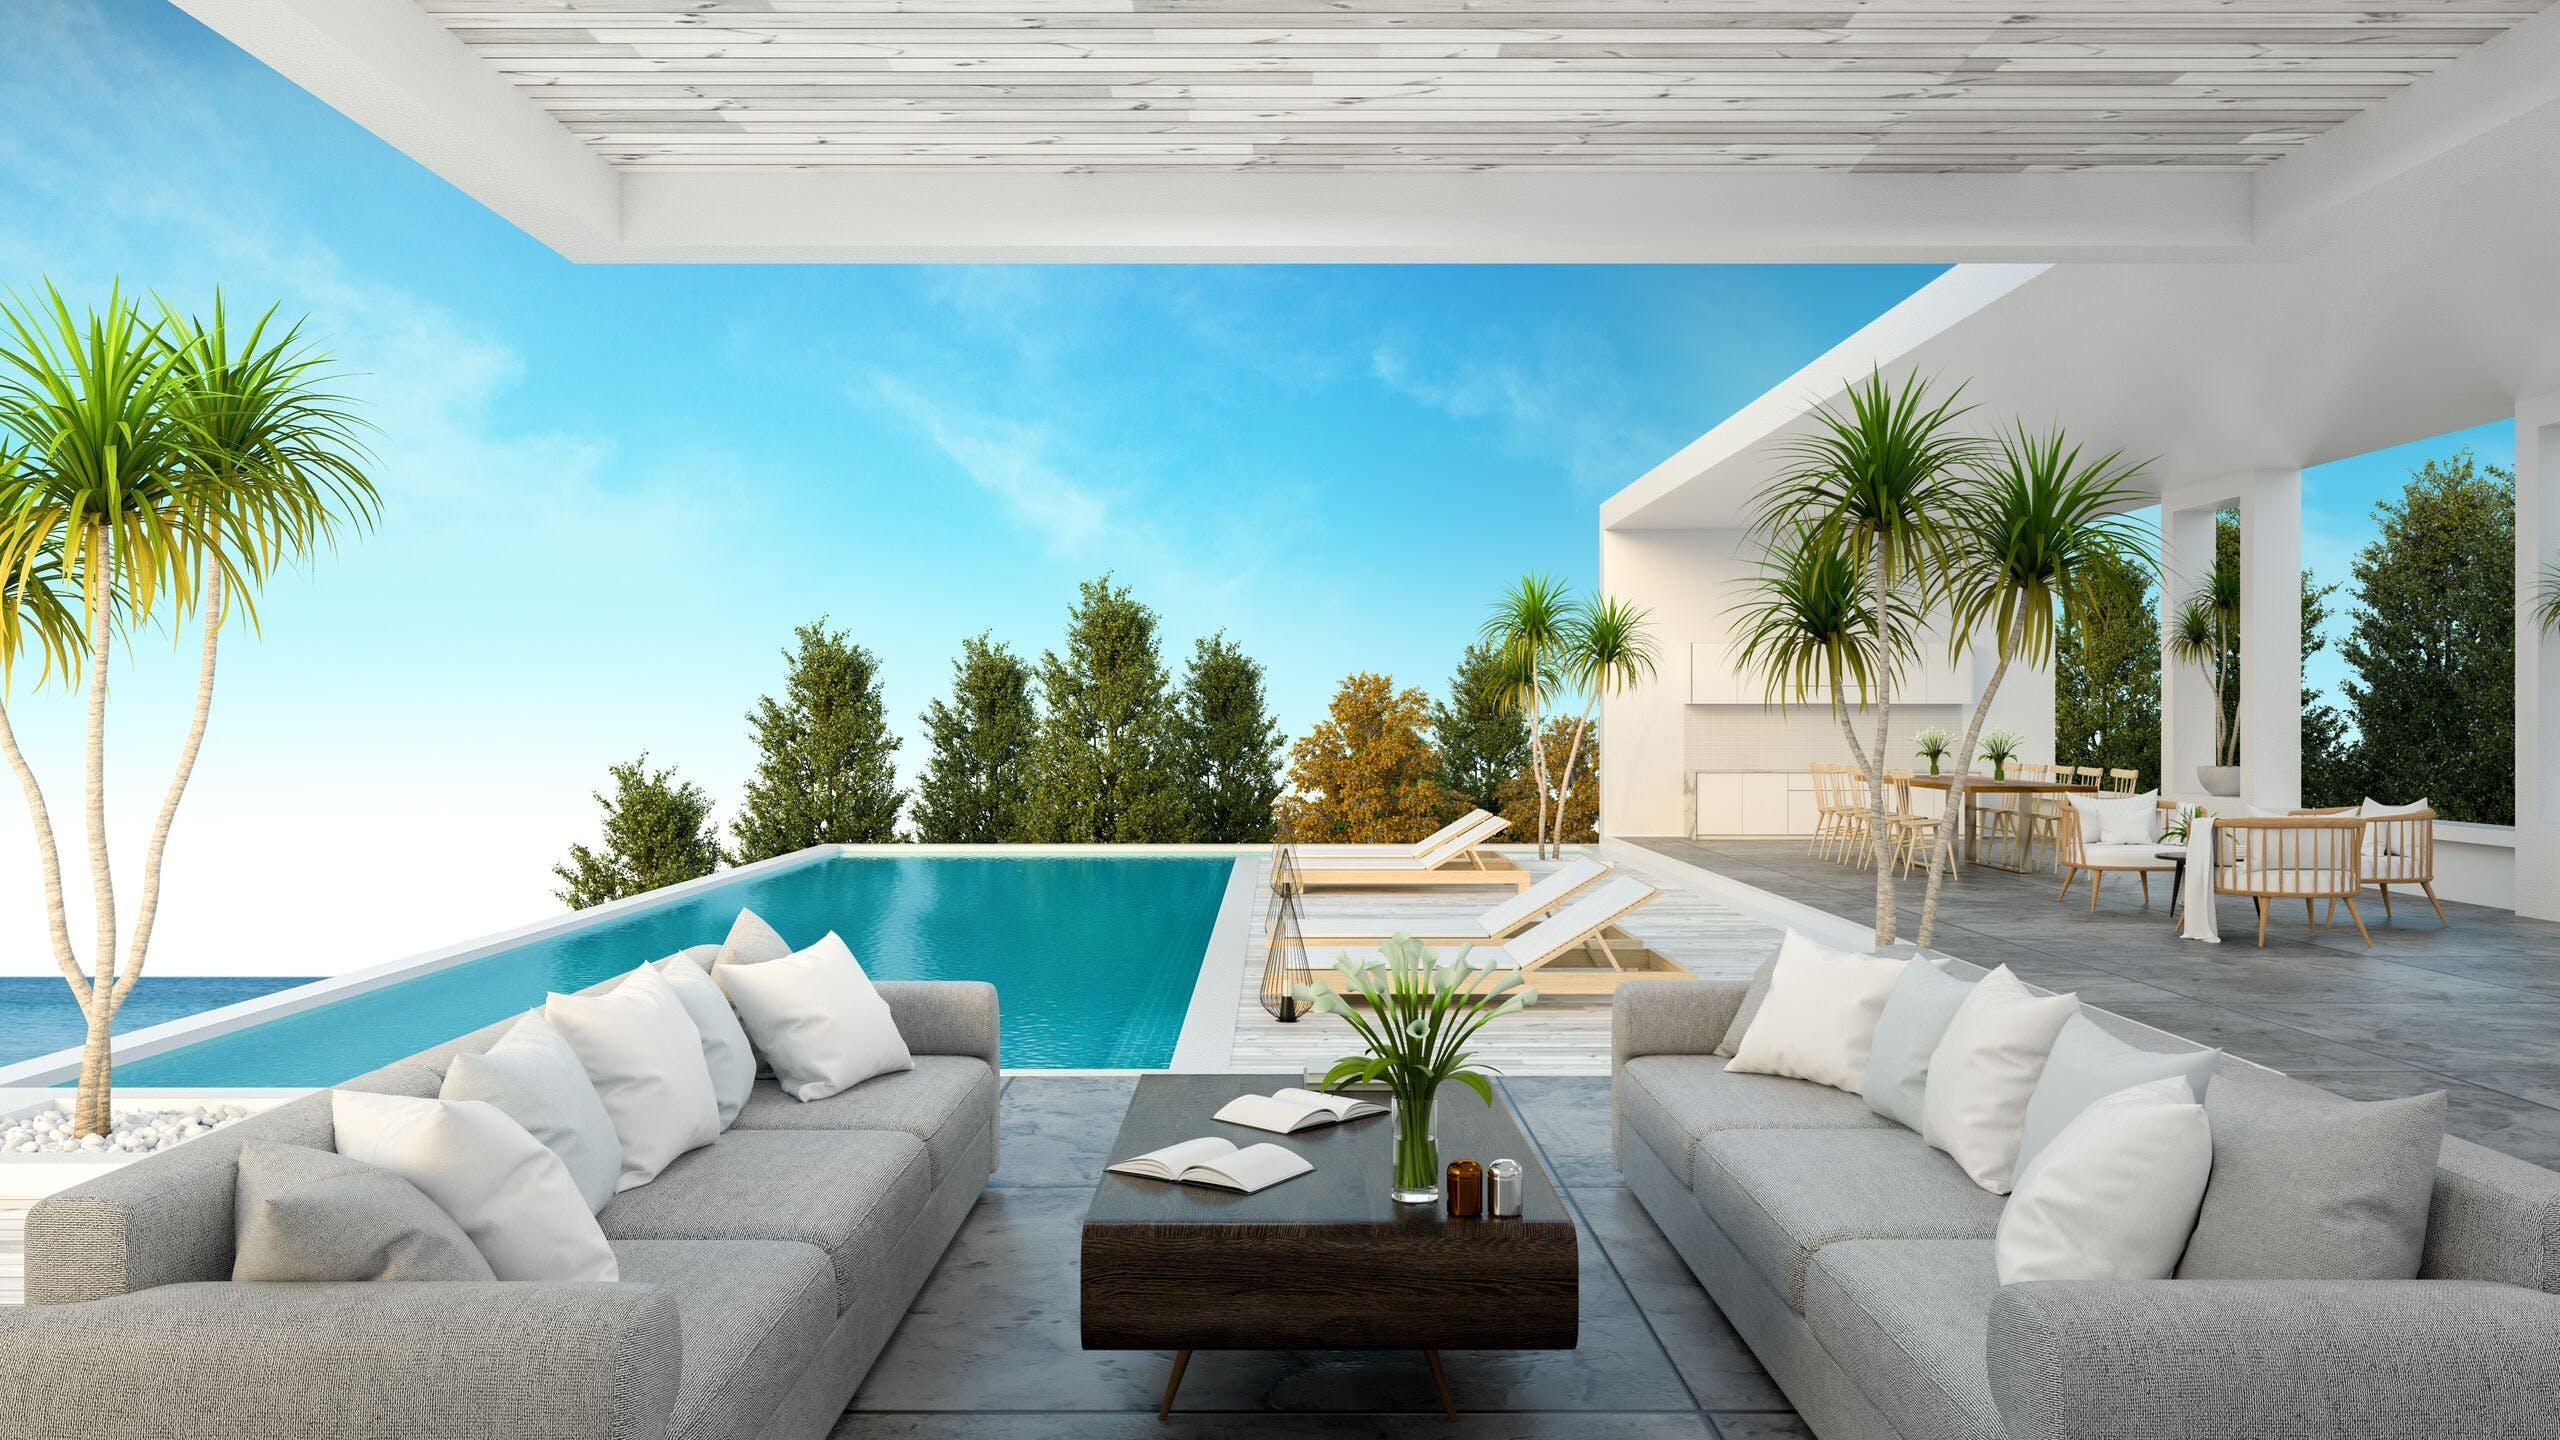 AXA Luxembourg - Suis-je assuré si je loue un appartement meublé de tourisme type Airbnb ?